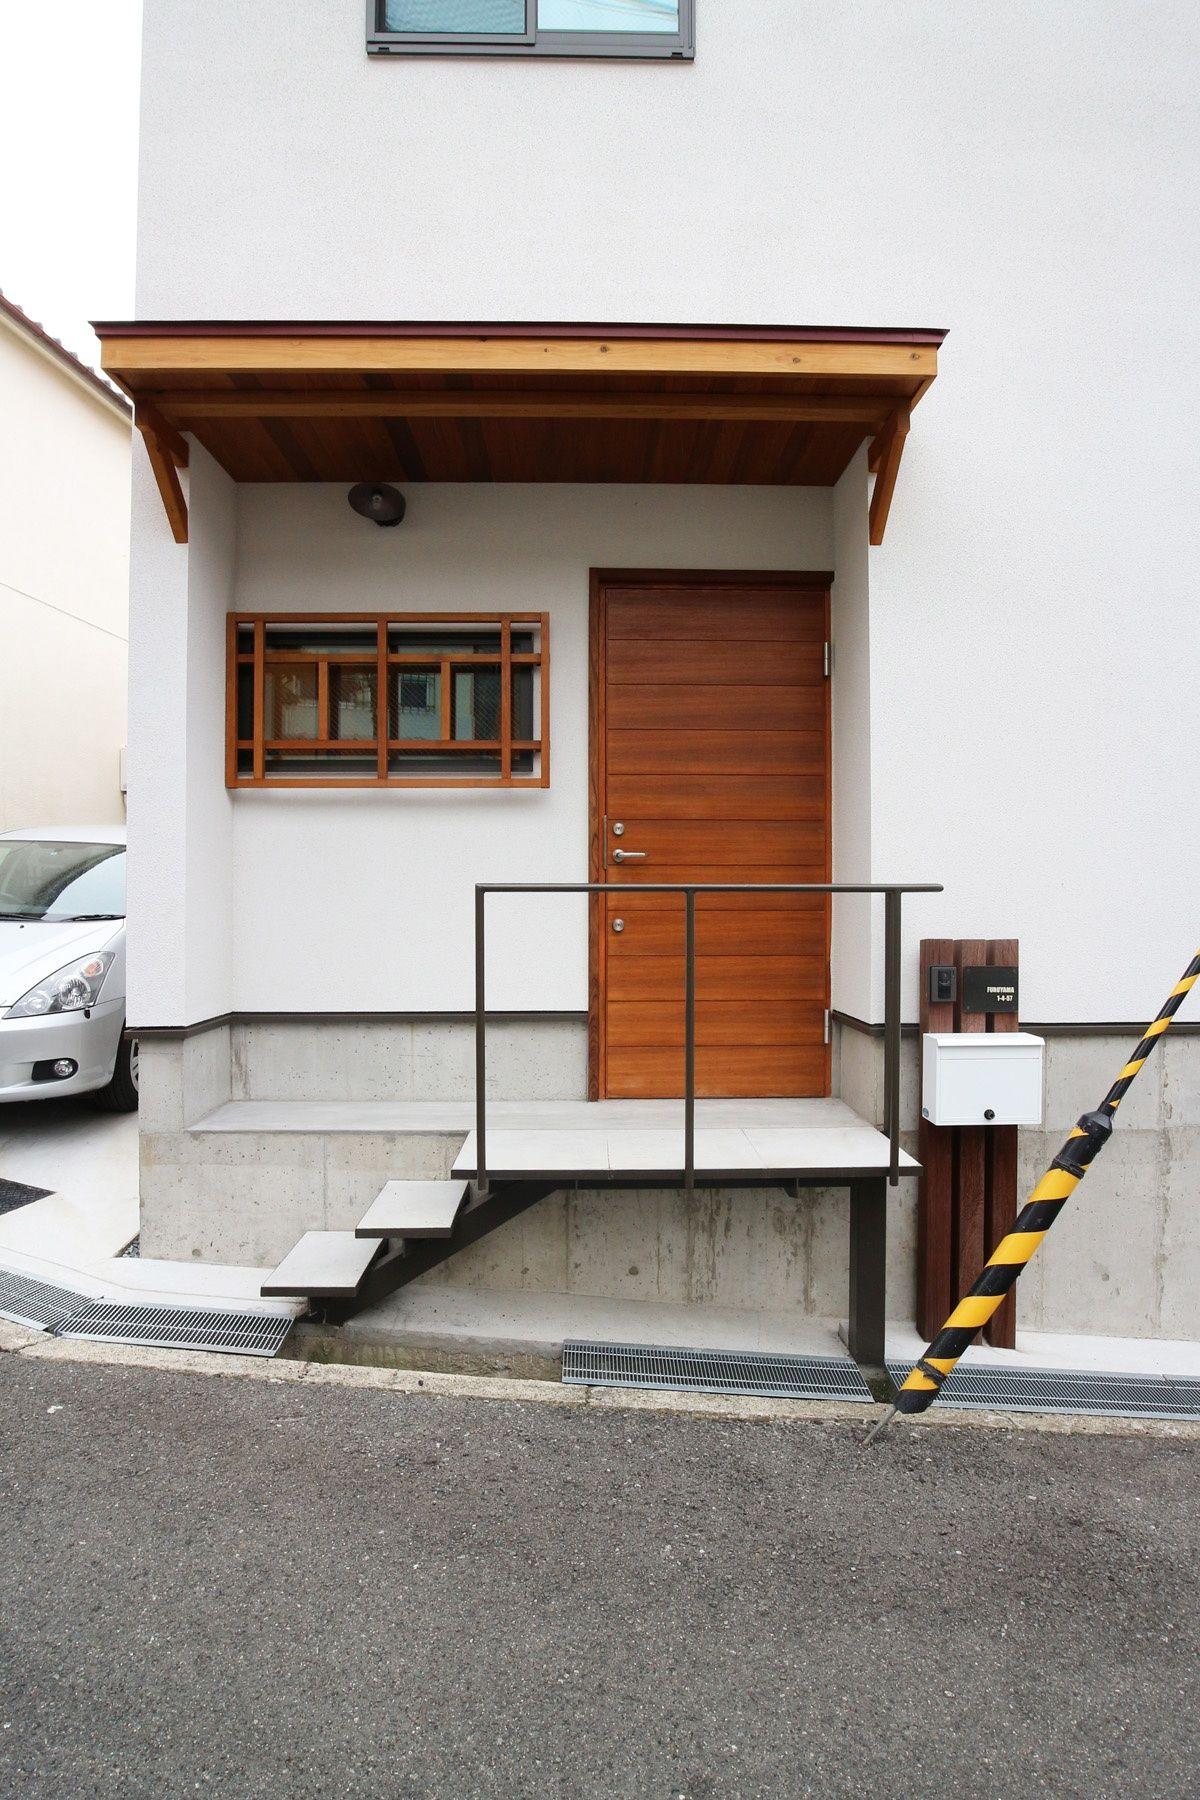 昭和レトロな三角屋根の家 木製格子や玄関ドアがアクセントの外観